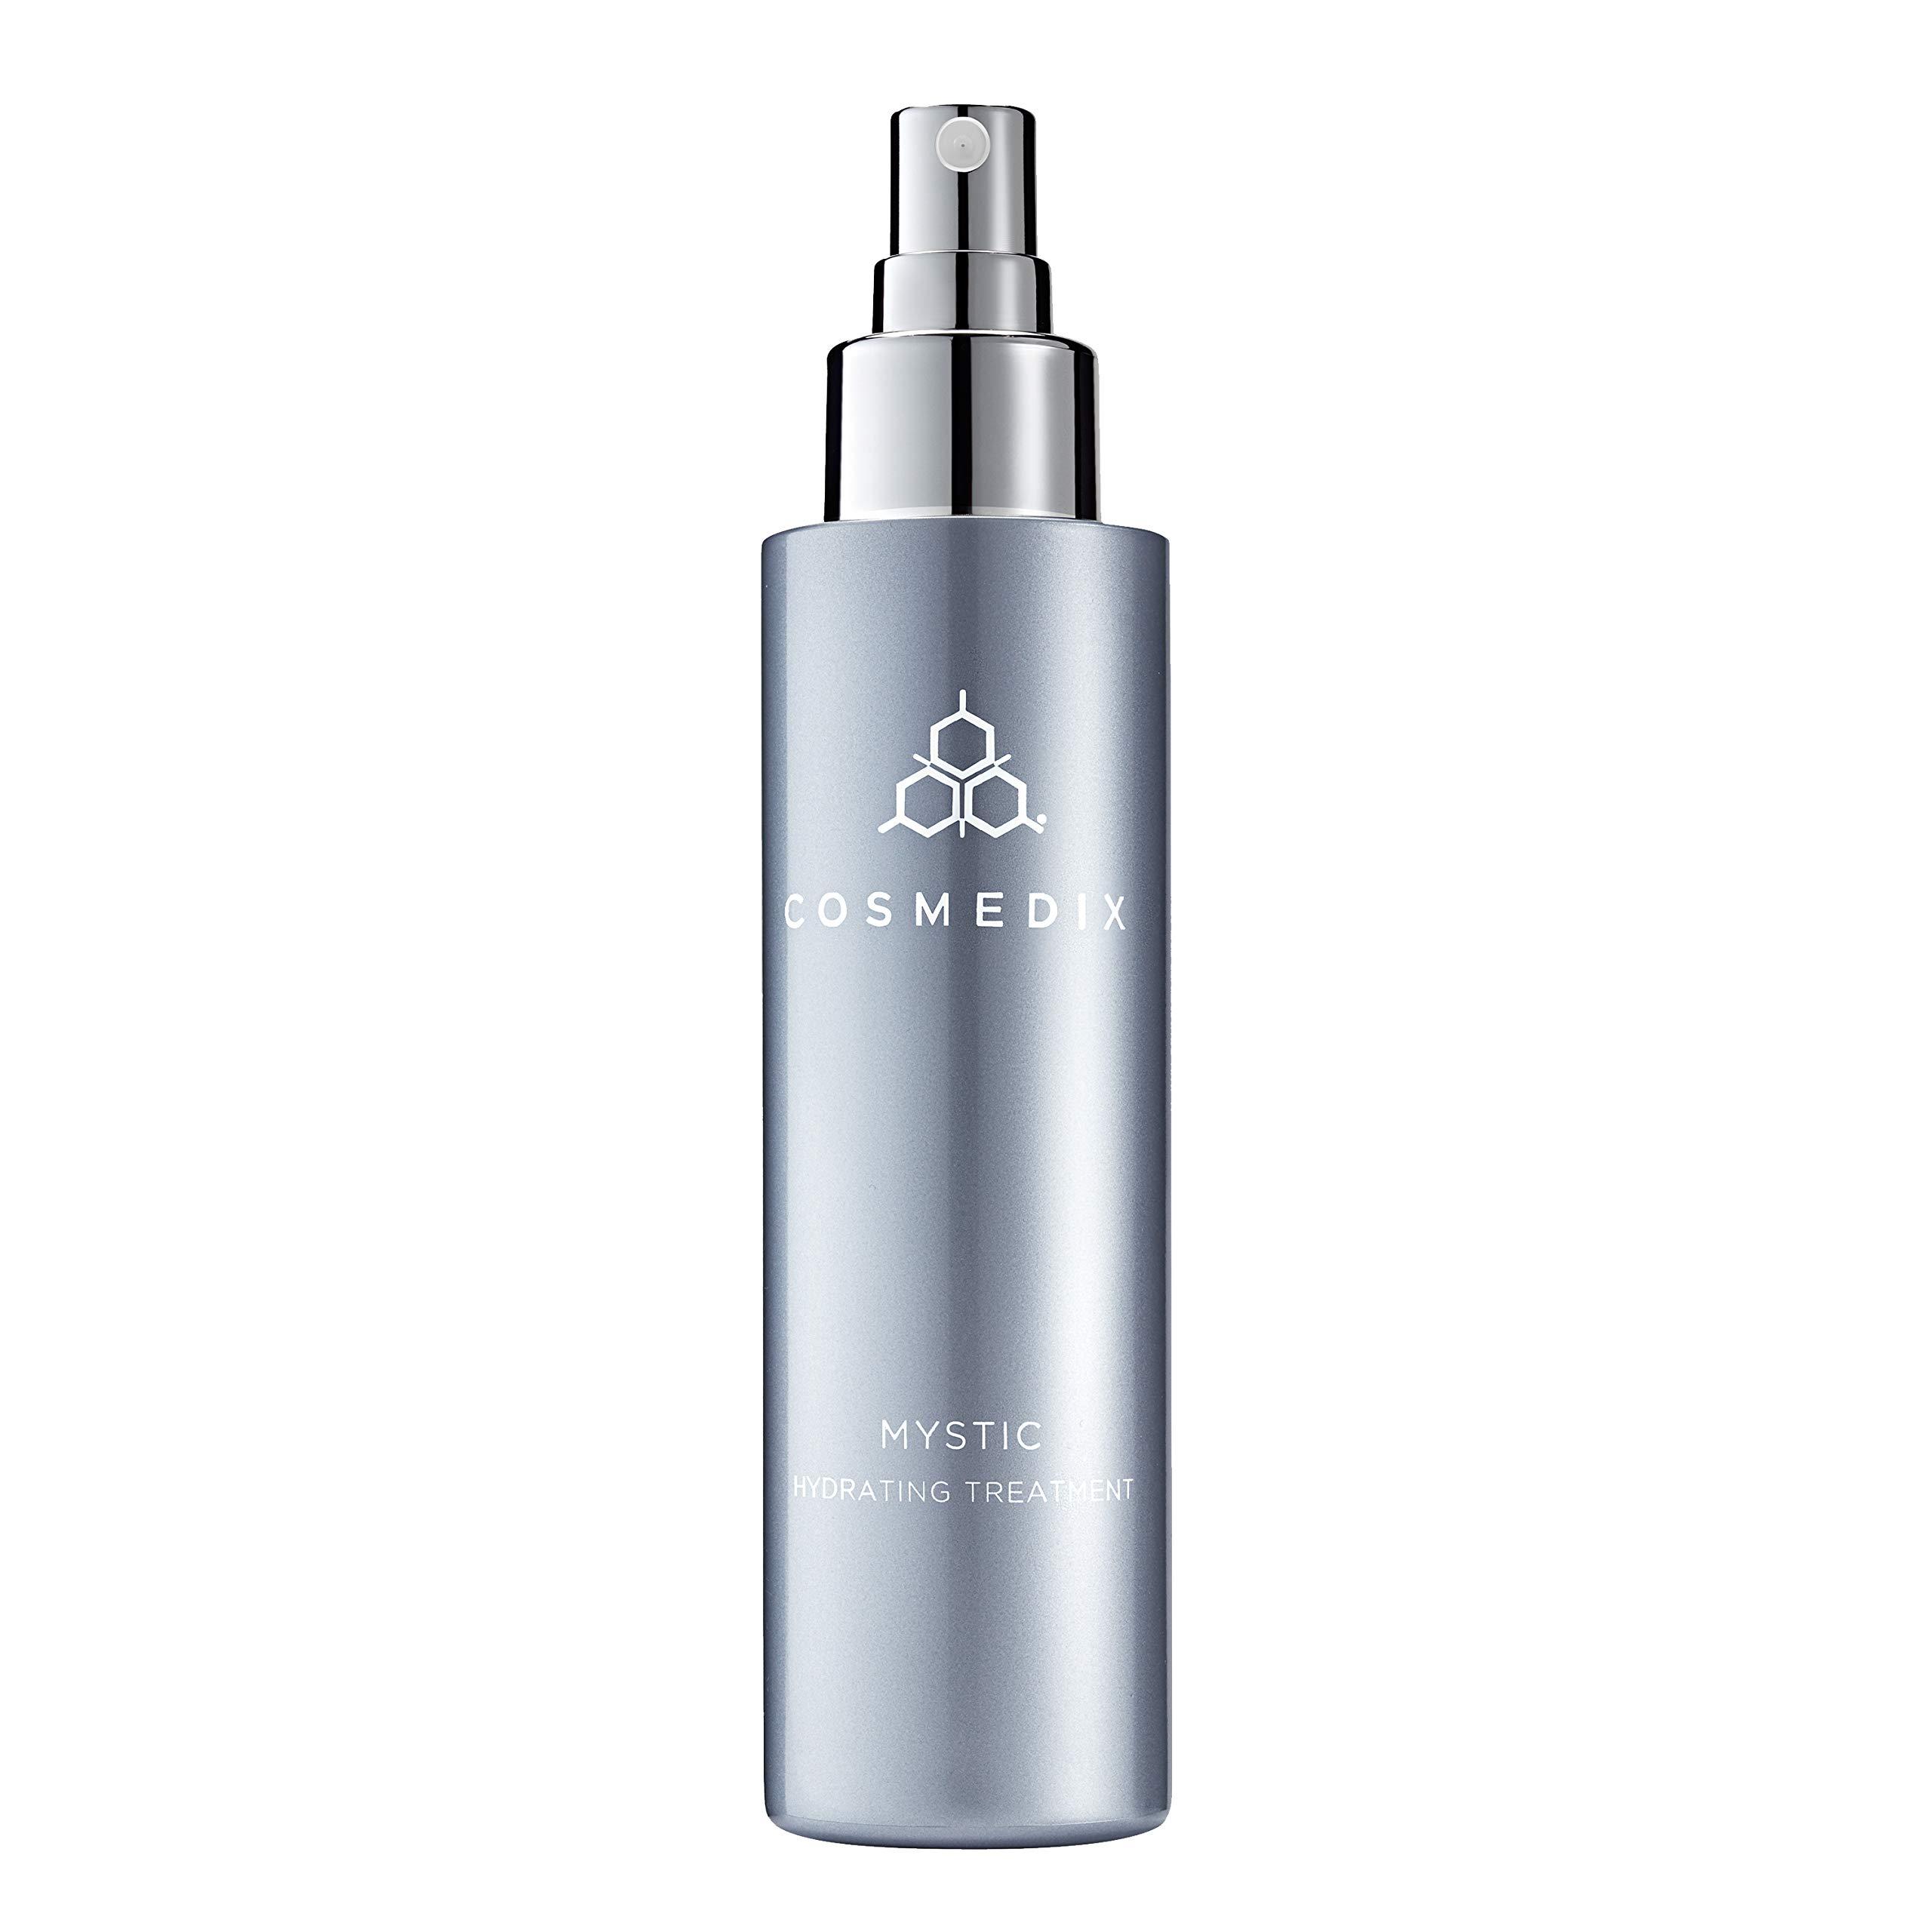 COSMEDIX Mystic Hydrating Treatment, Moisturizing Mist, Makeup Primer, Makeup Setting Spray, 5 Fl Oz